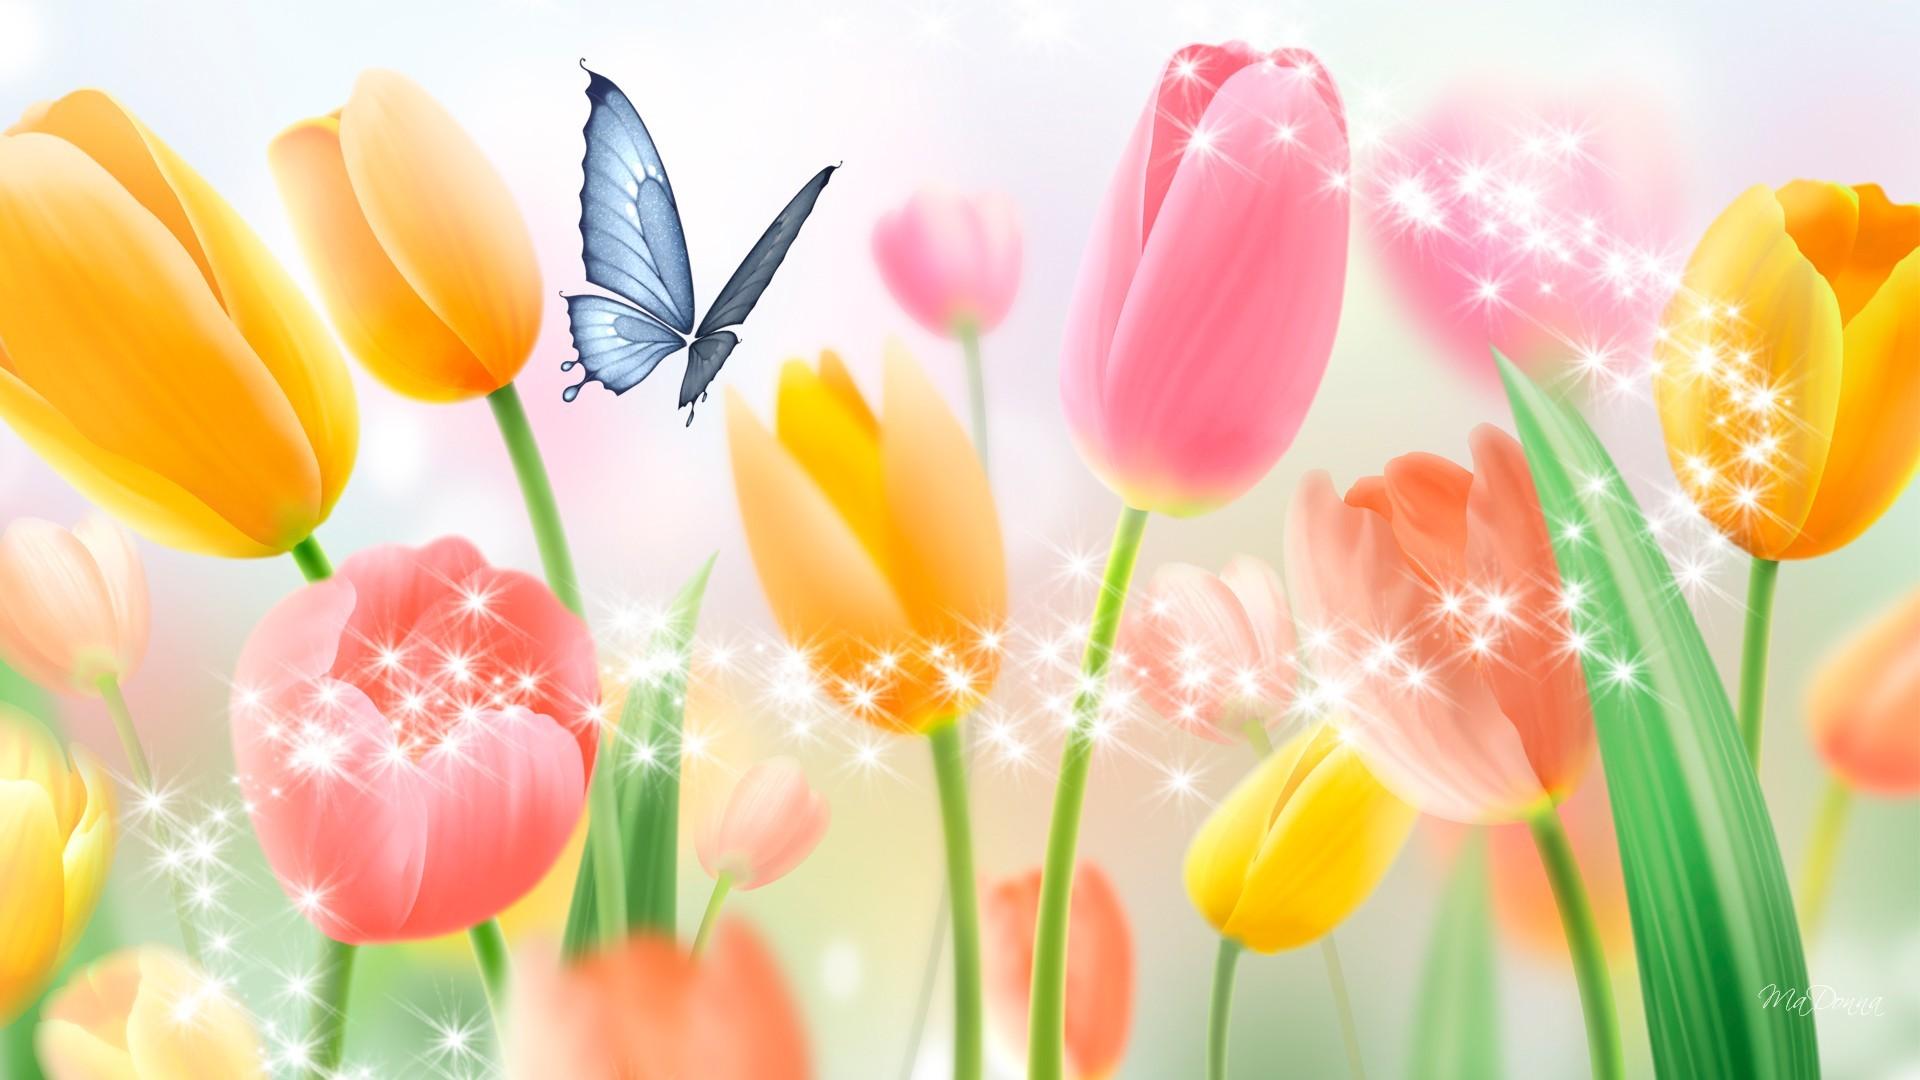 Hình ảnh mùa xuân những bông hoa tulip đẹp